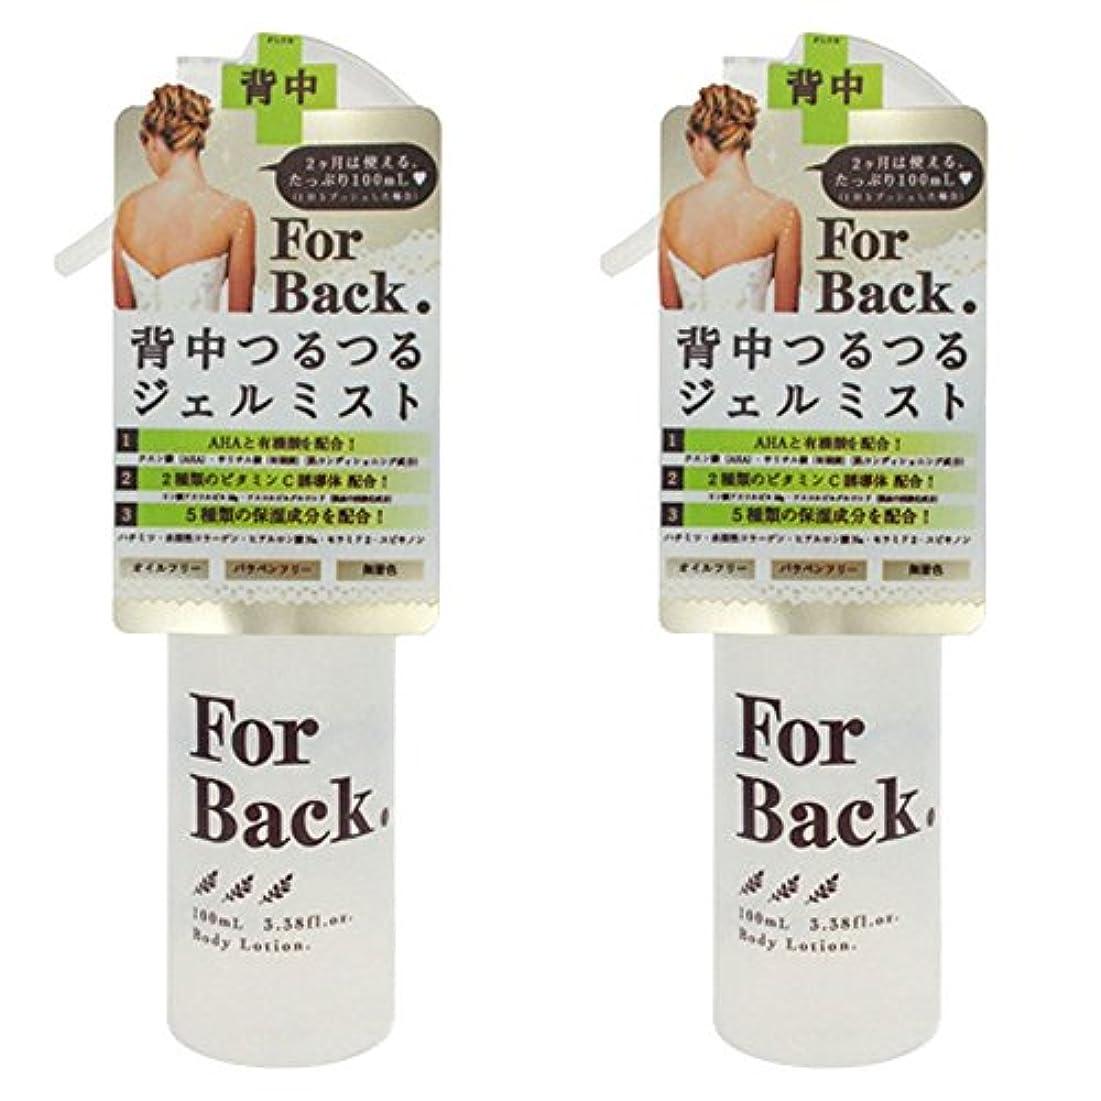 知的敷居メーカー【セット品】ForBack ジェルミスト 100ml ×2個